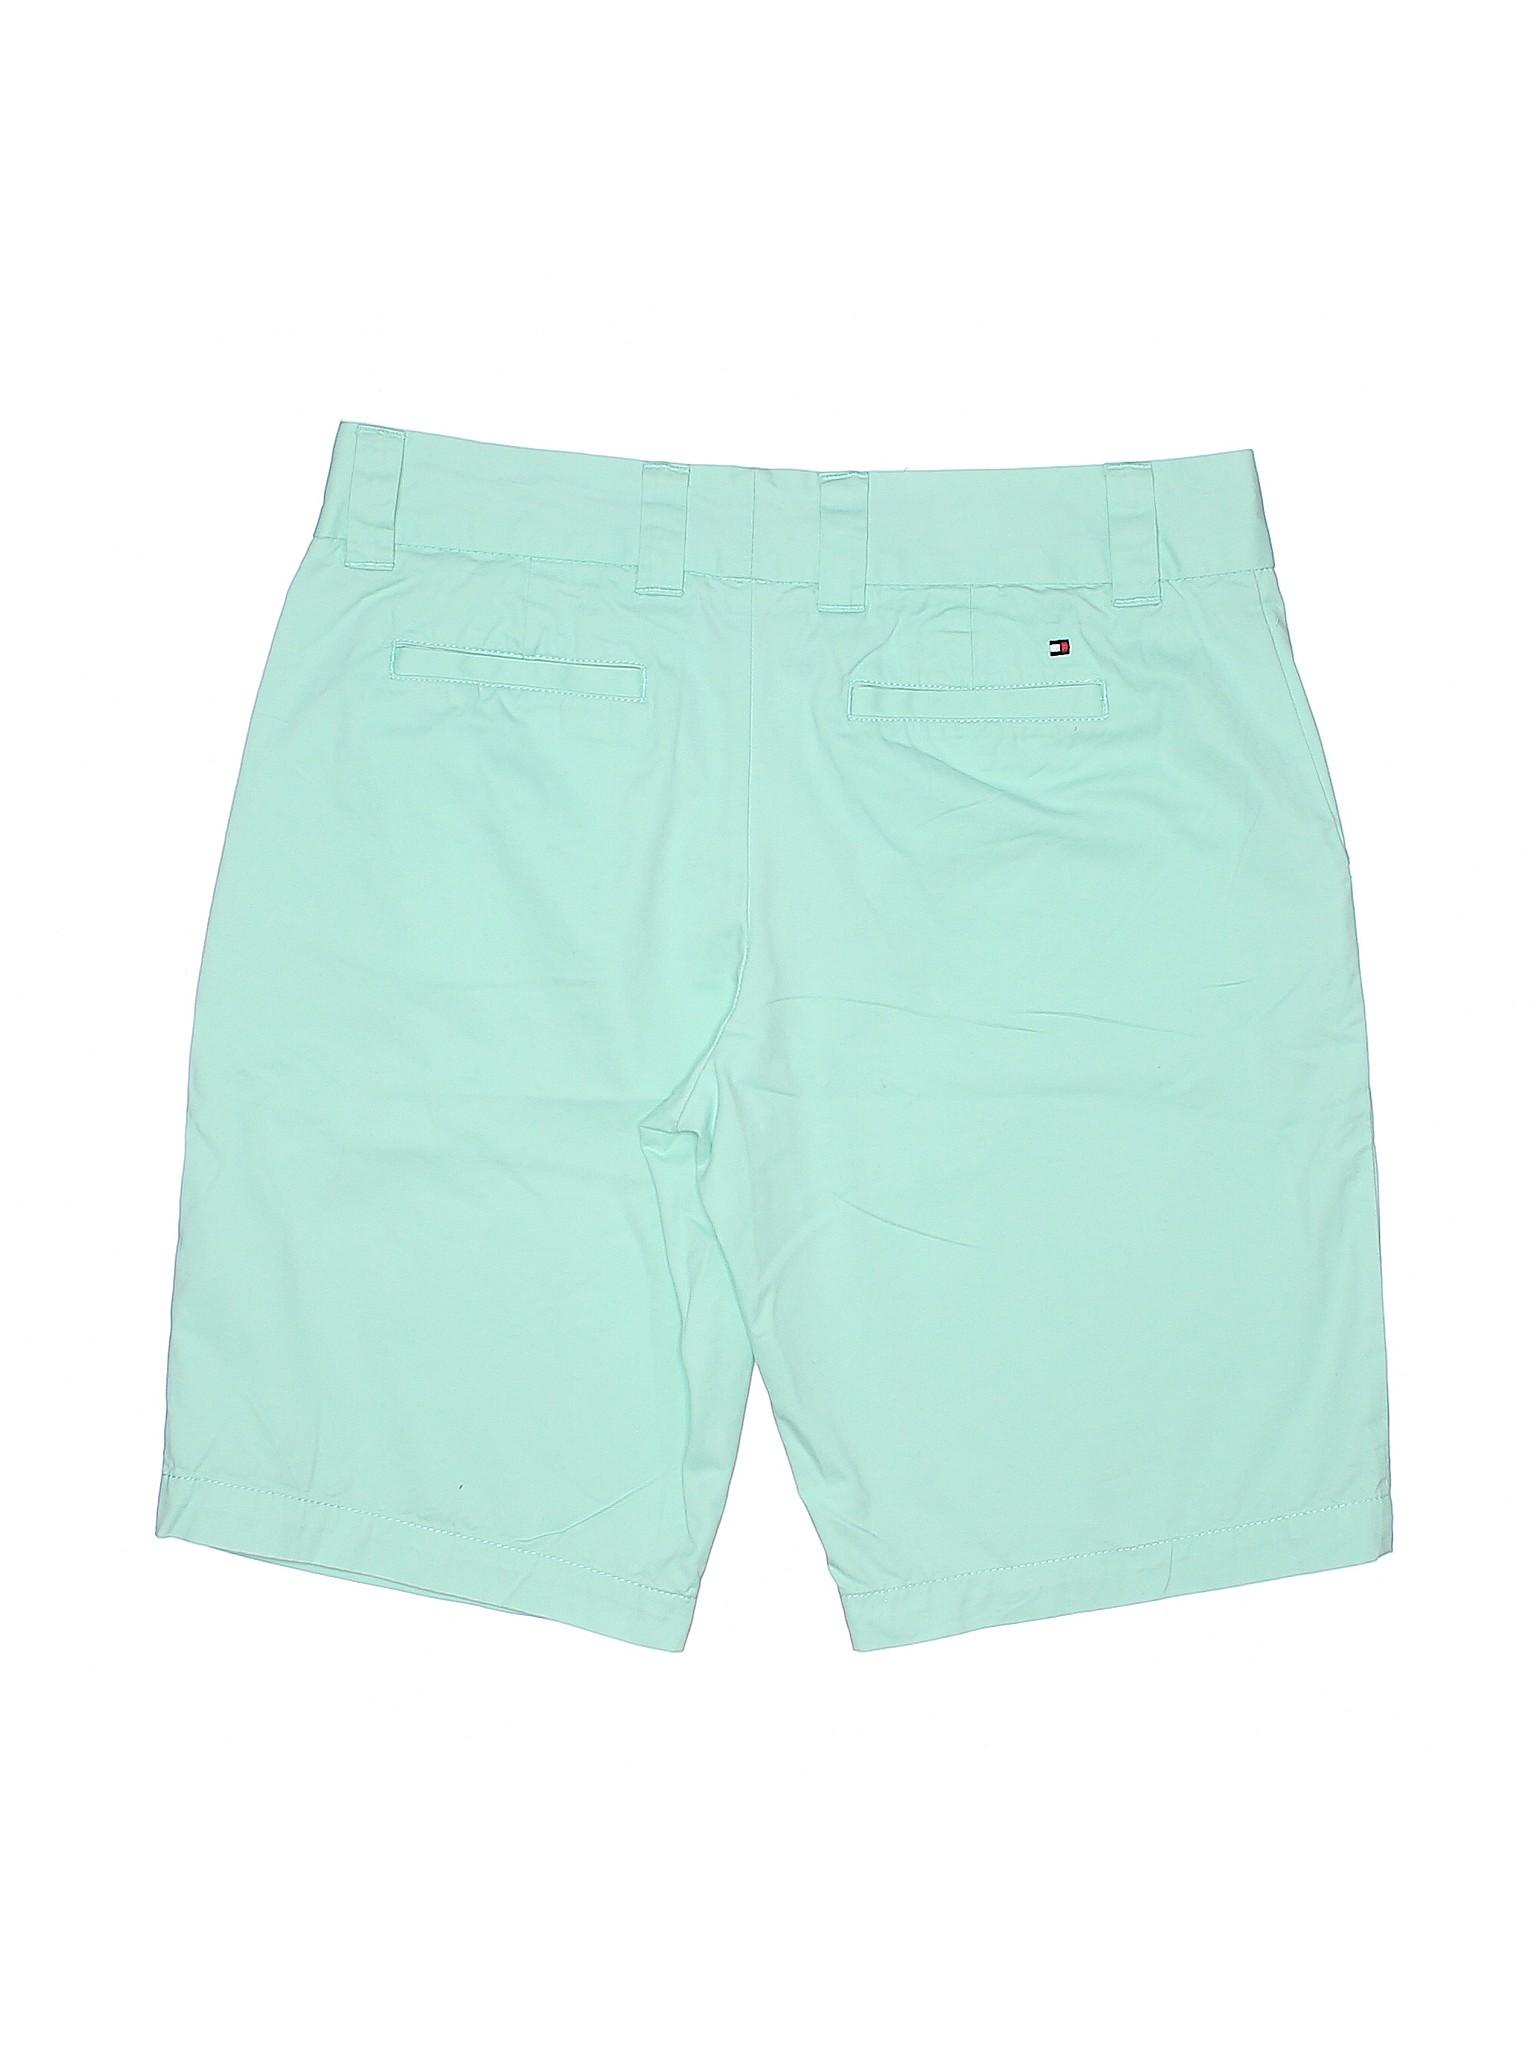 Tommy Hilfiger Shorts Tommy Khaki Khaki Boutique Boutique Shorts Hilfiger Shorts Hilfiger Boutique Tommy Khaki nABZ0q